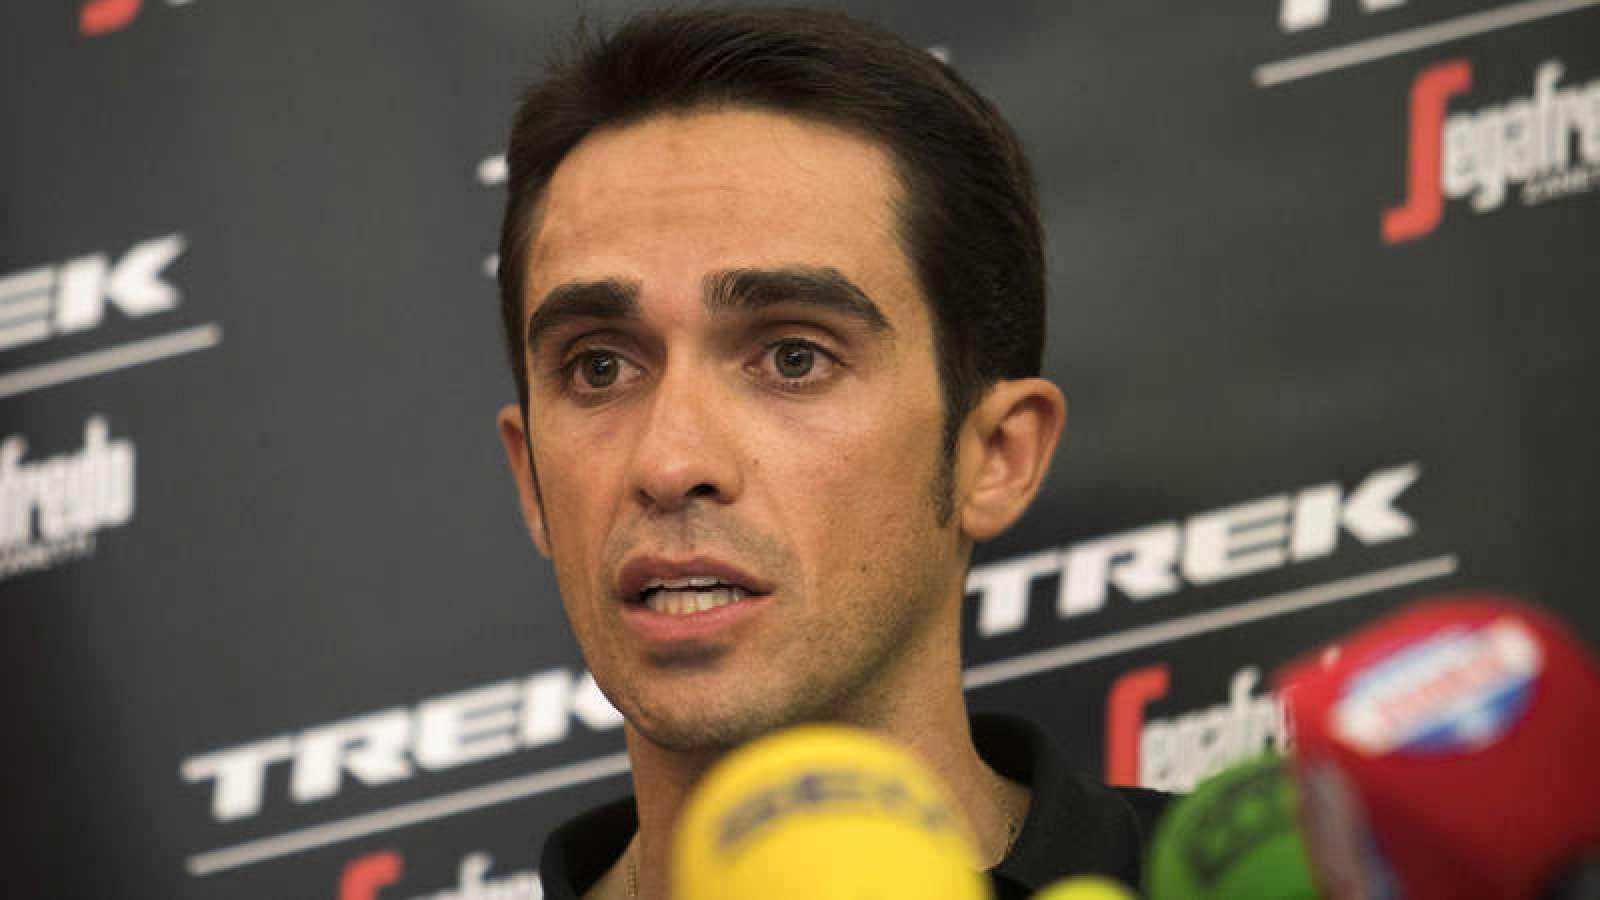 El ciclista español Alberto Contador, en rueda de prensa.